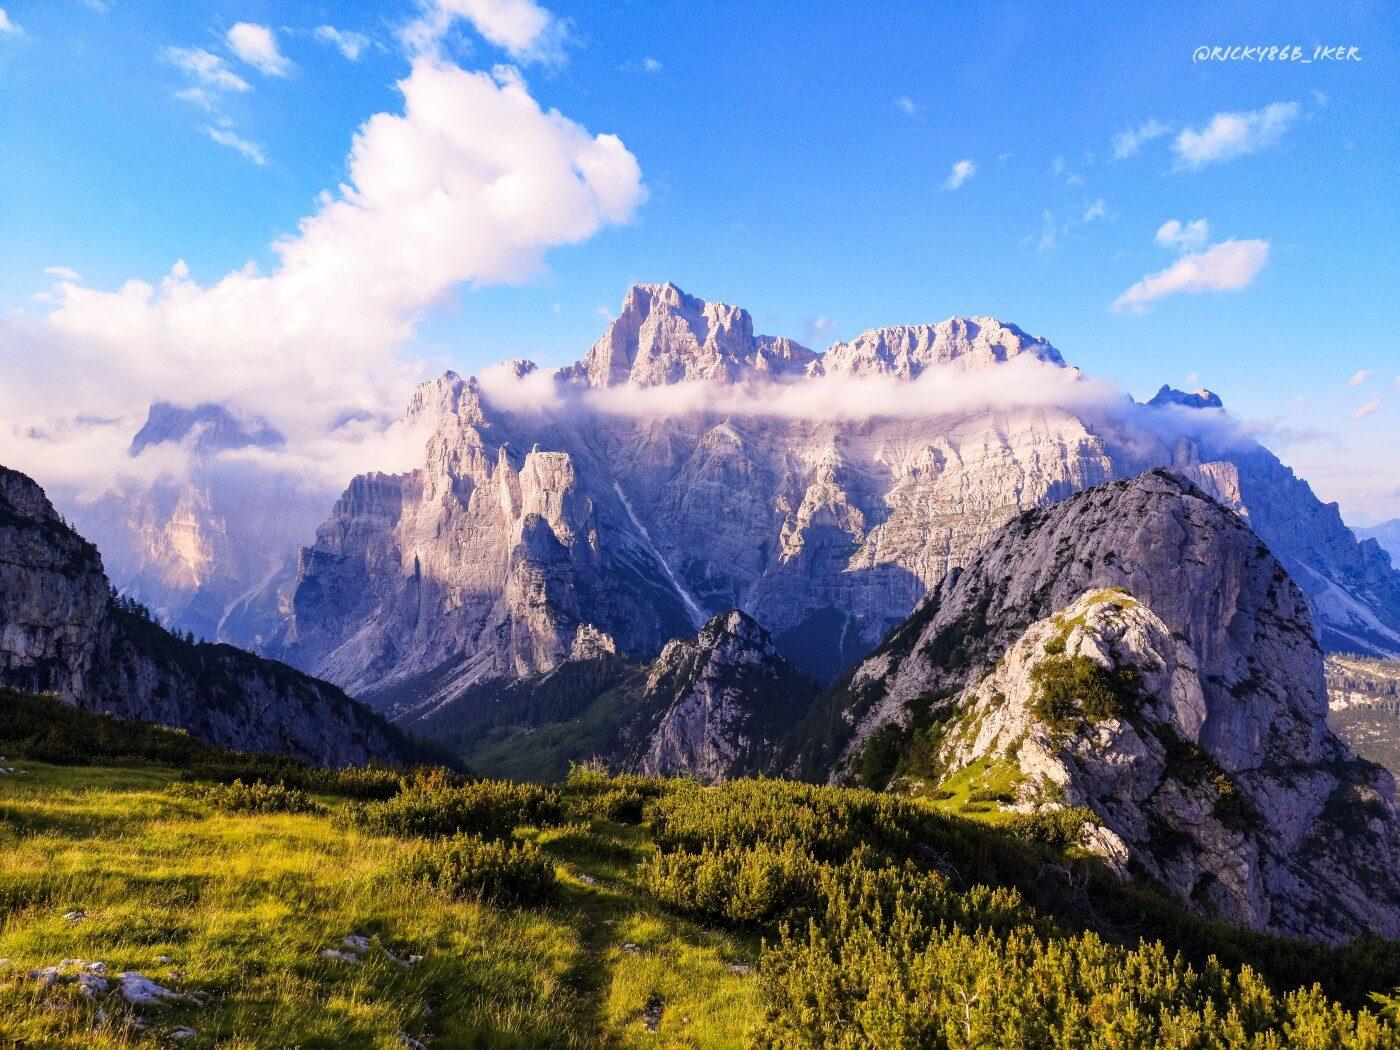 Moiazza lungo l'Alta via delle Dolomiti